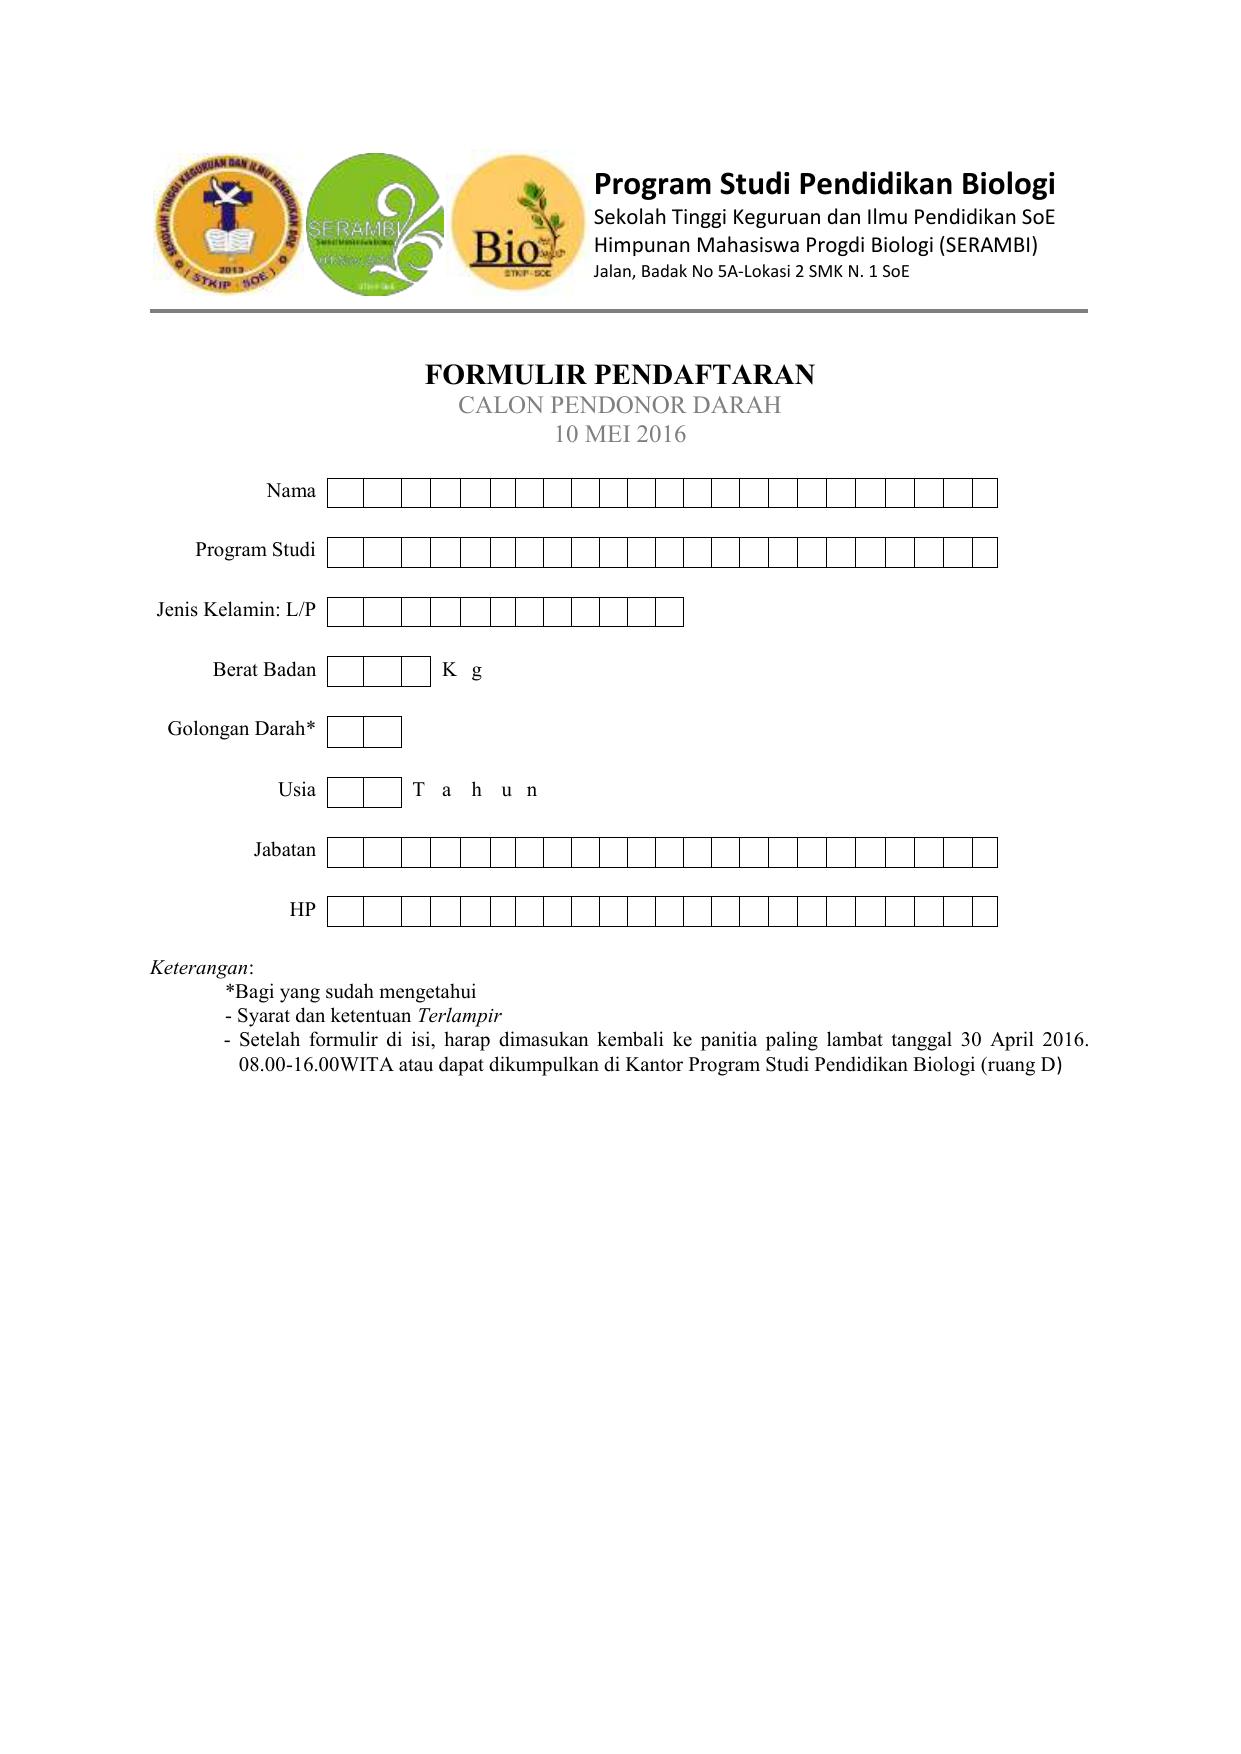 Formulir Pendaftaran Donor Darah